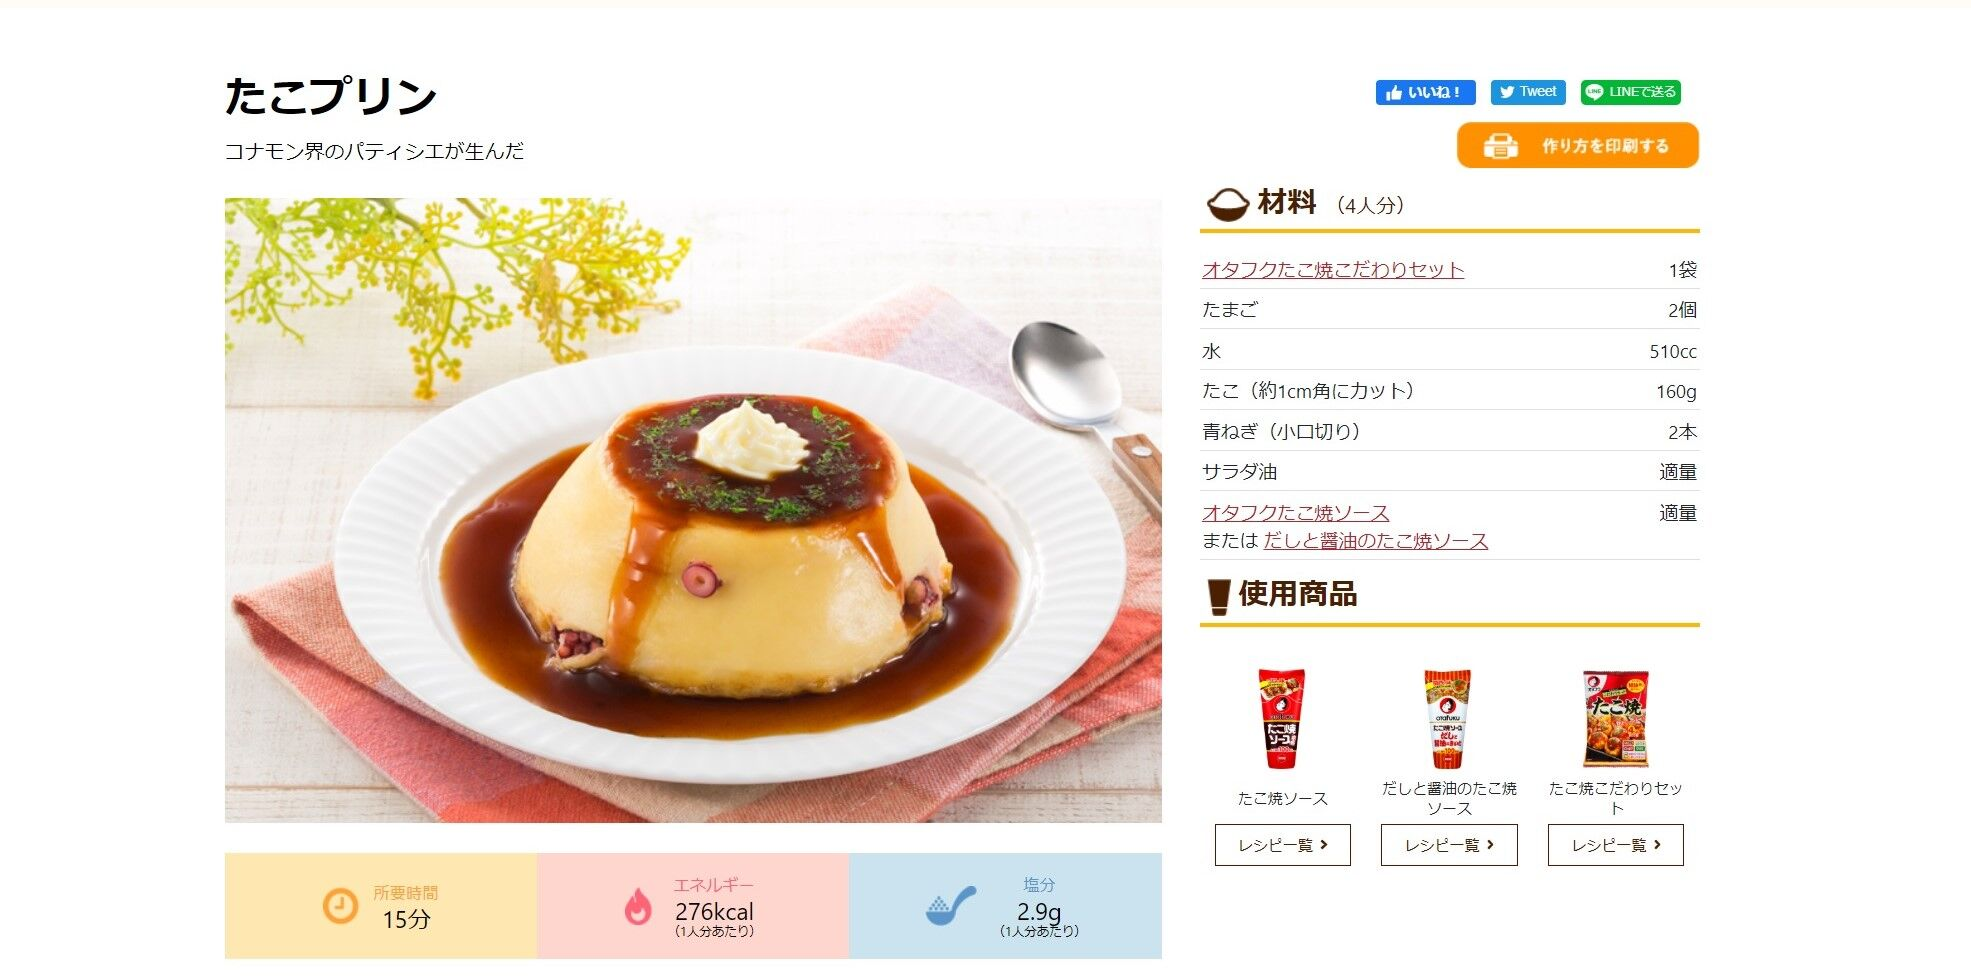 【挑戦者求ム】オタフク公式レシピ「たこプリン」が難しい… 4度挑戦するもあえなく失敗! どうやったらできんねん!! タコの日